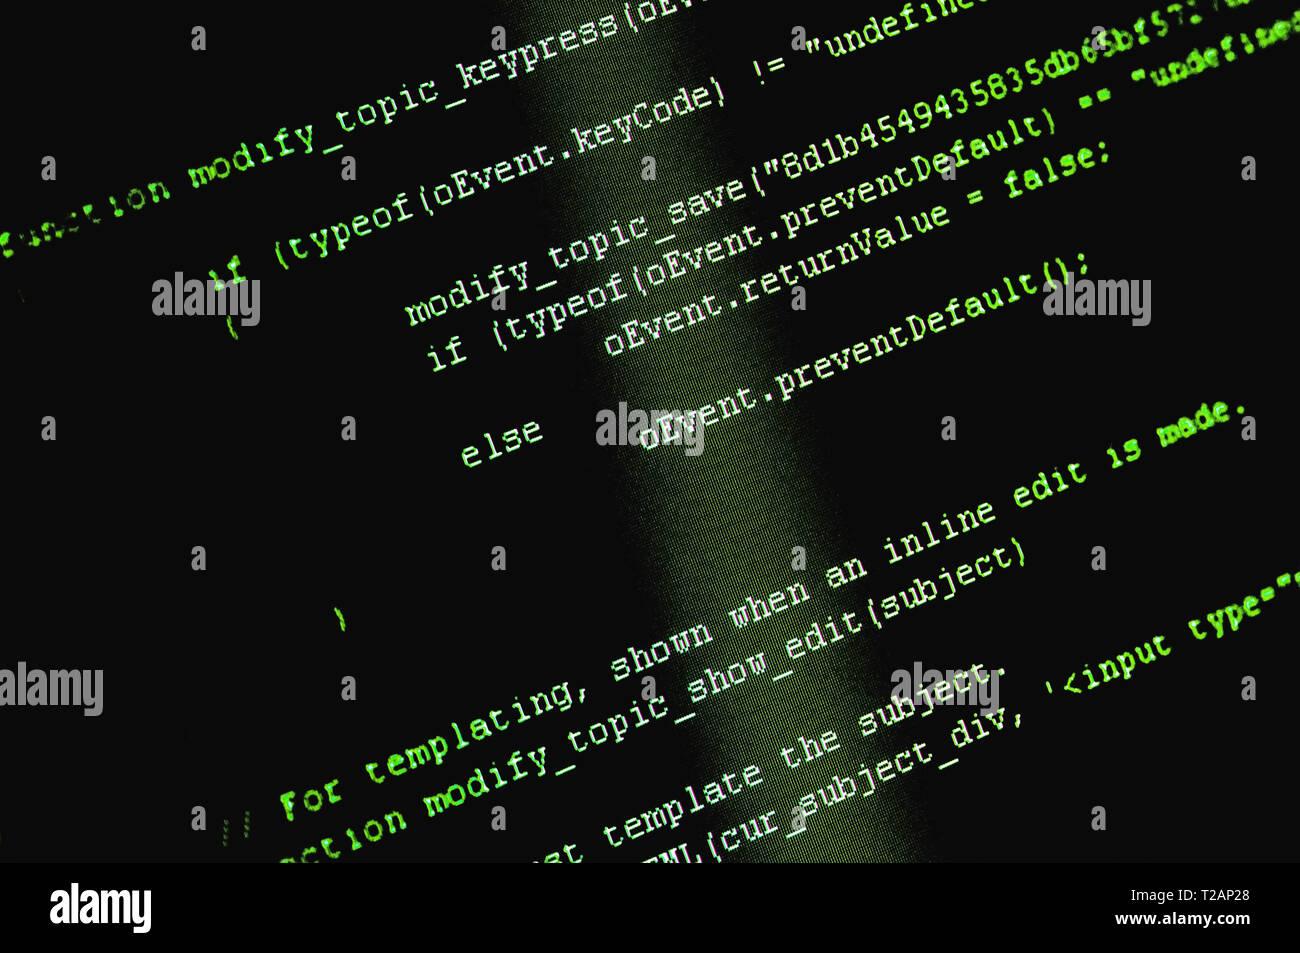 Html code farbiger hintergrund